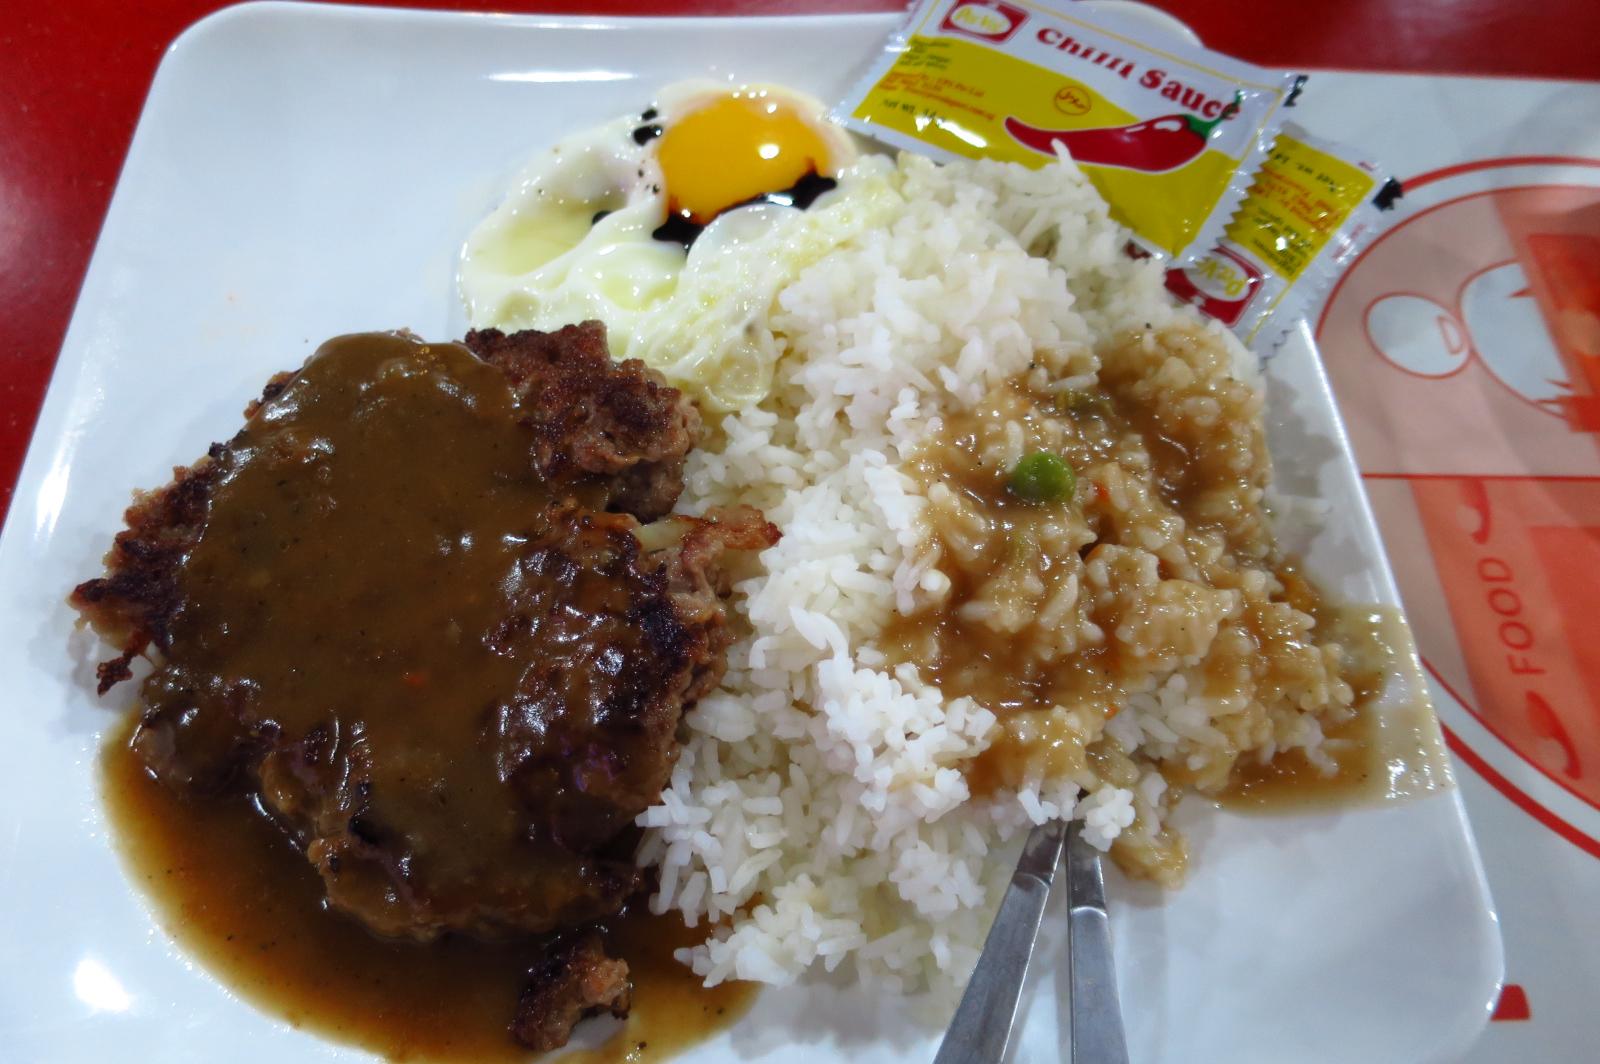 Small Potatoes Make The Steak Look Bigger: Seng Huat Western Food ...